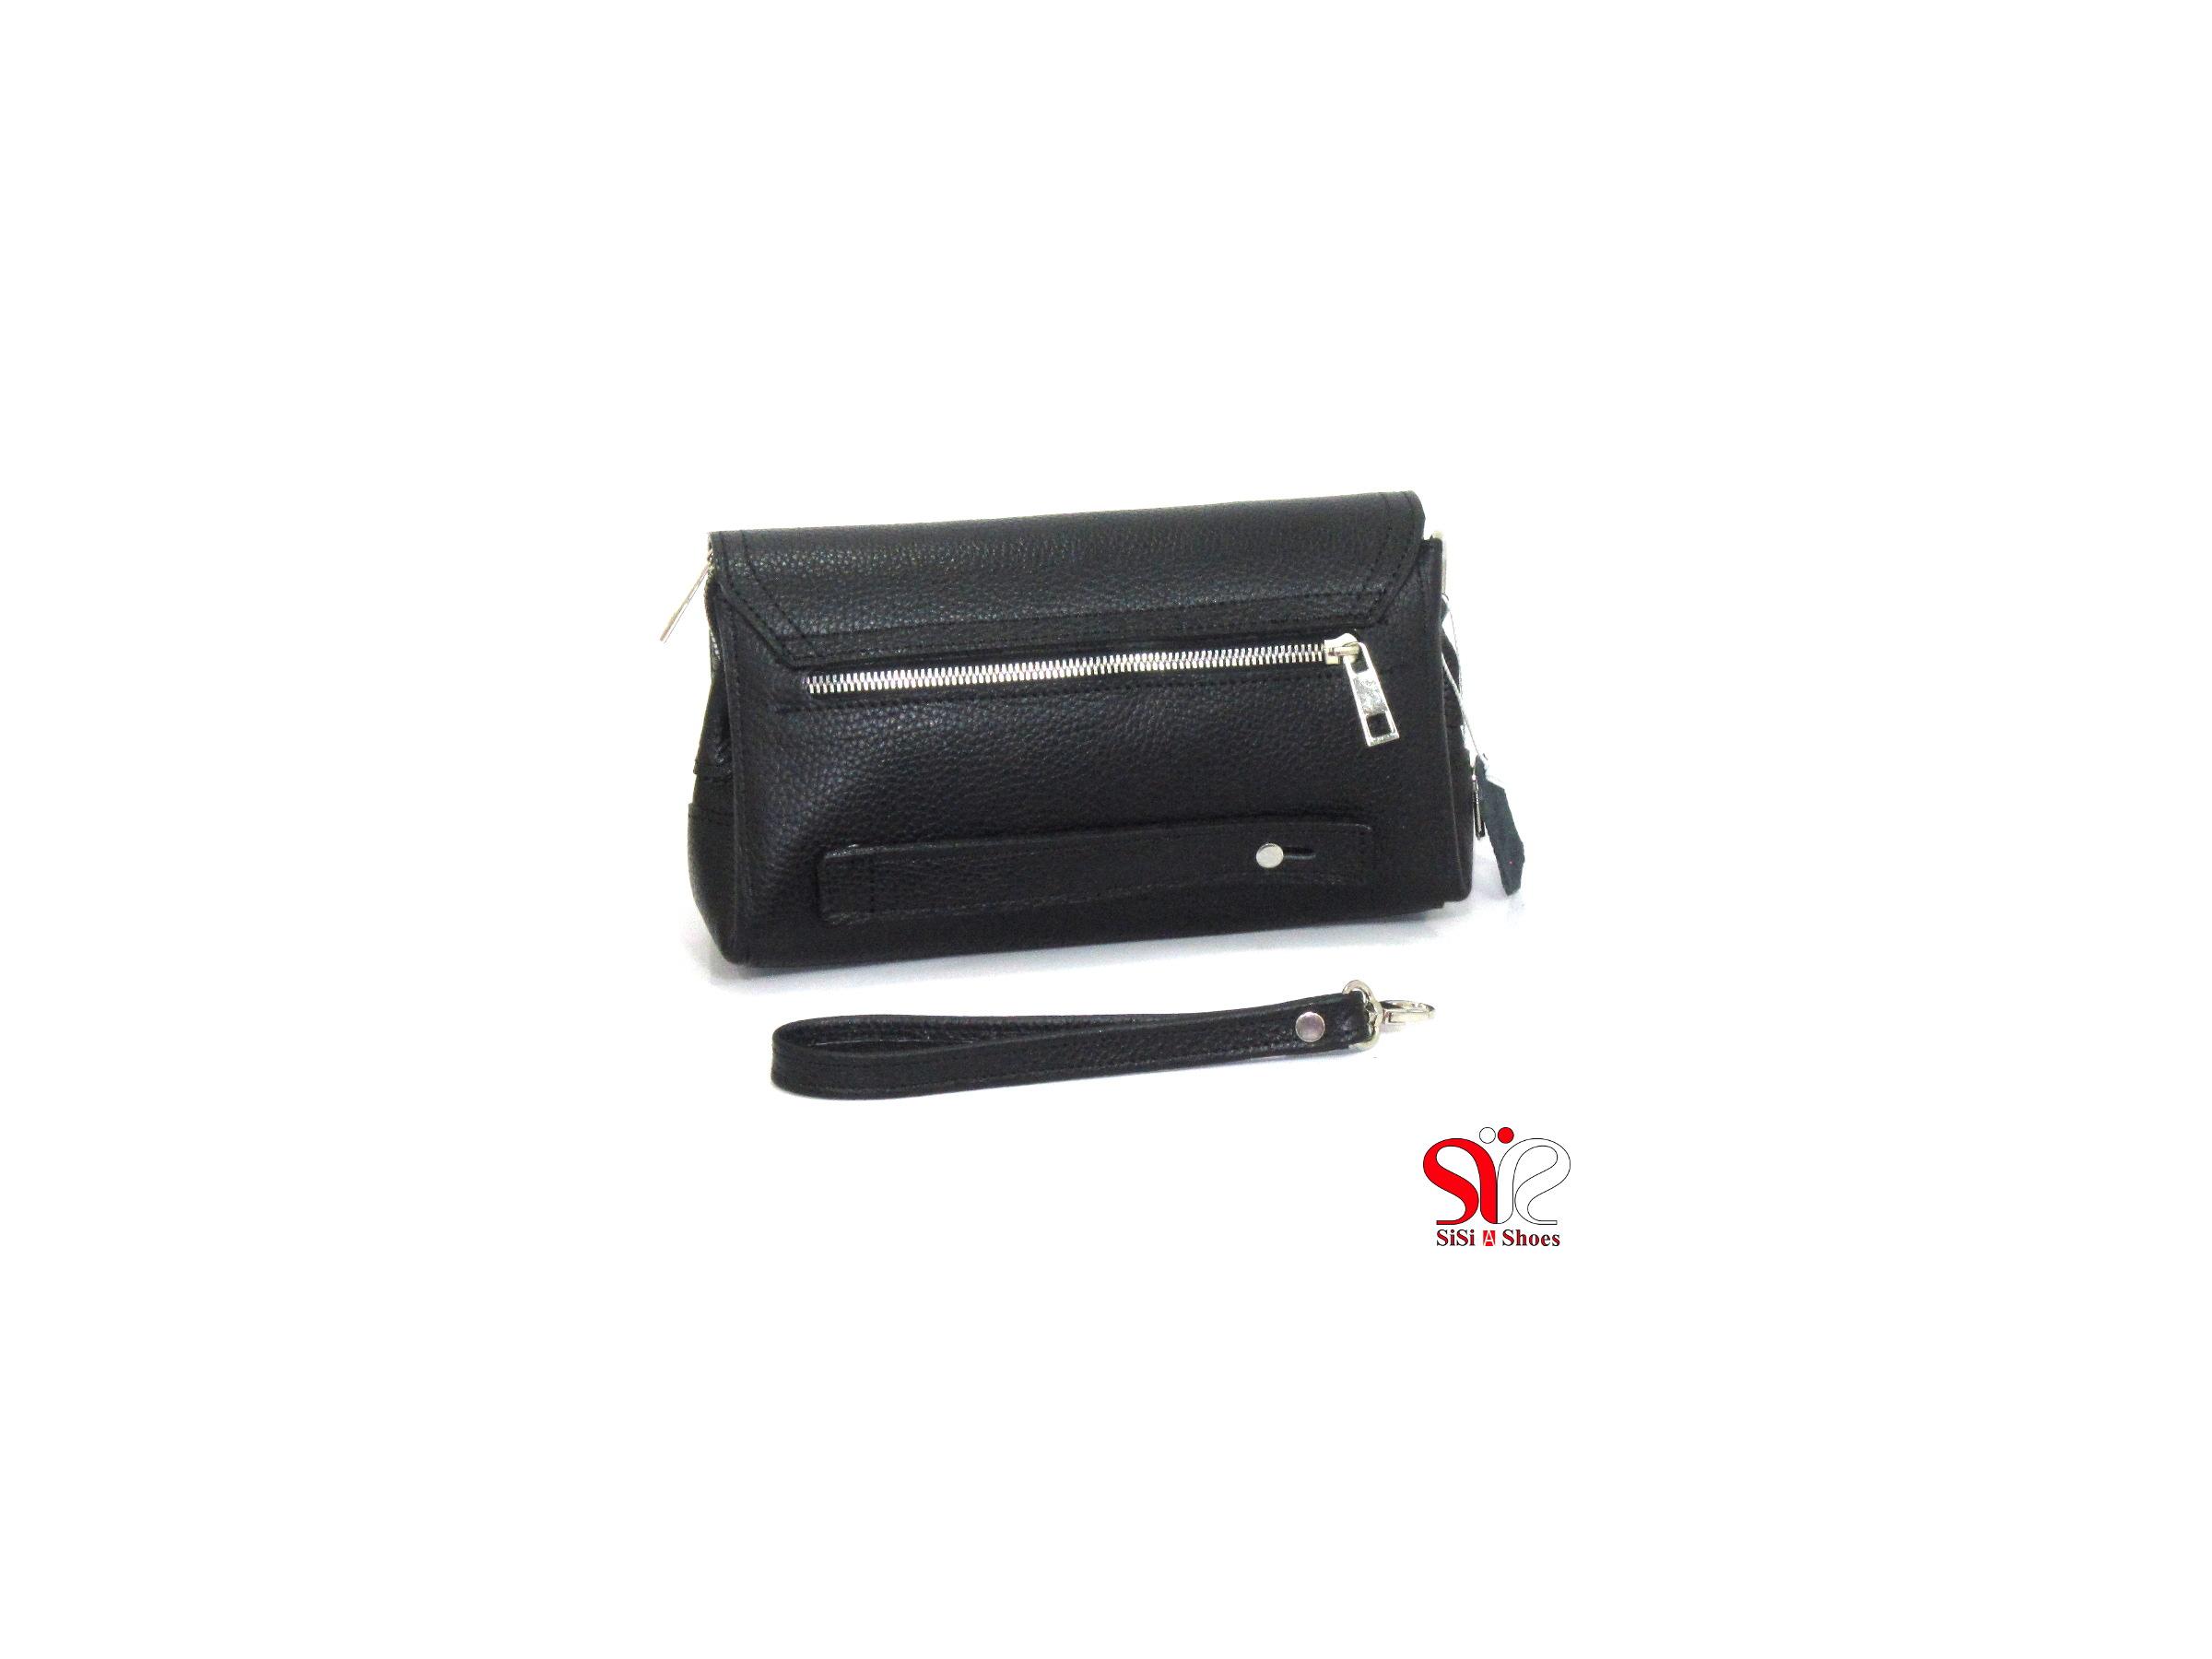 کیف زیربغلی مردانه